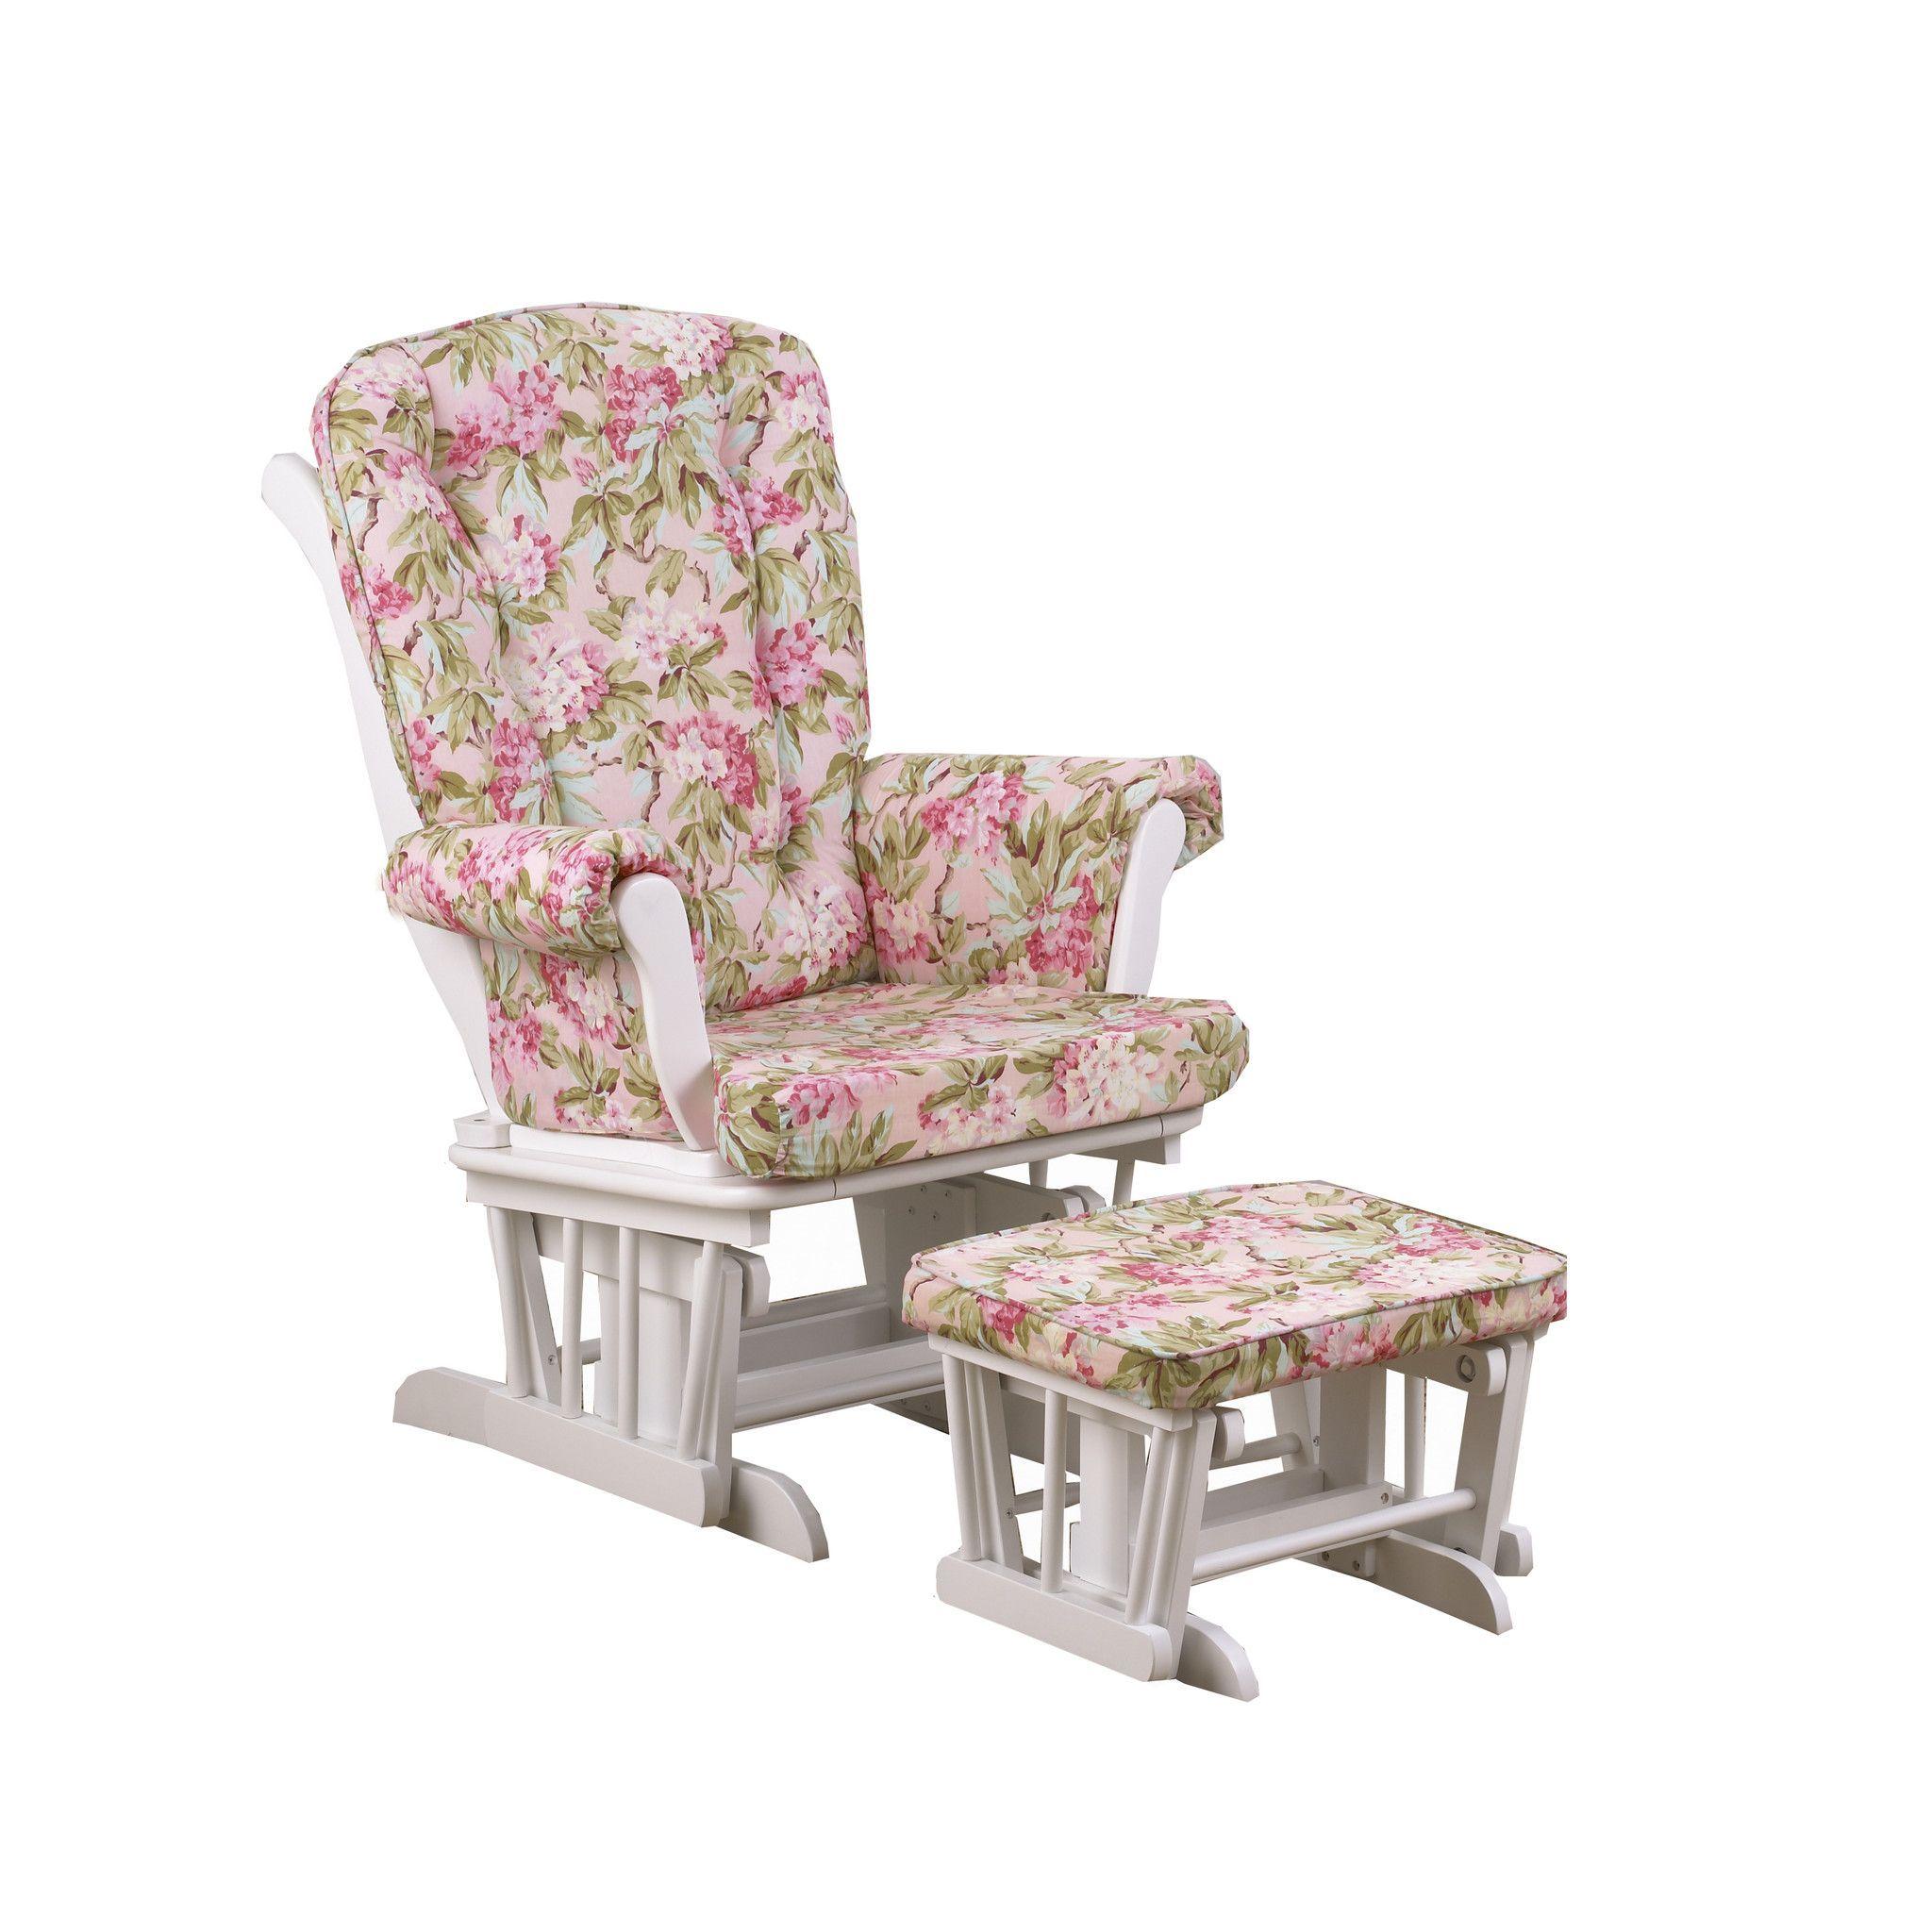 Best Rocking Chair Glider Glider And Ottoman Nursery 400 x 300